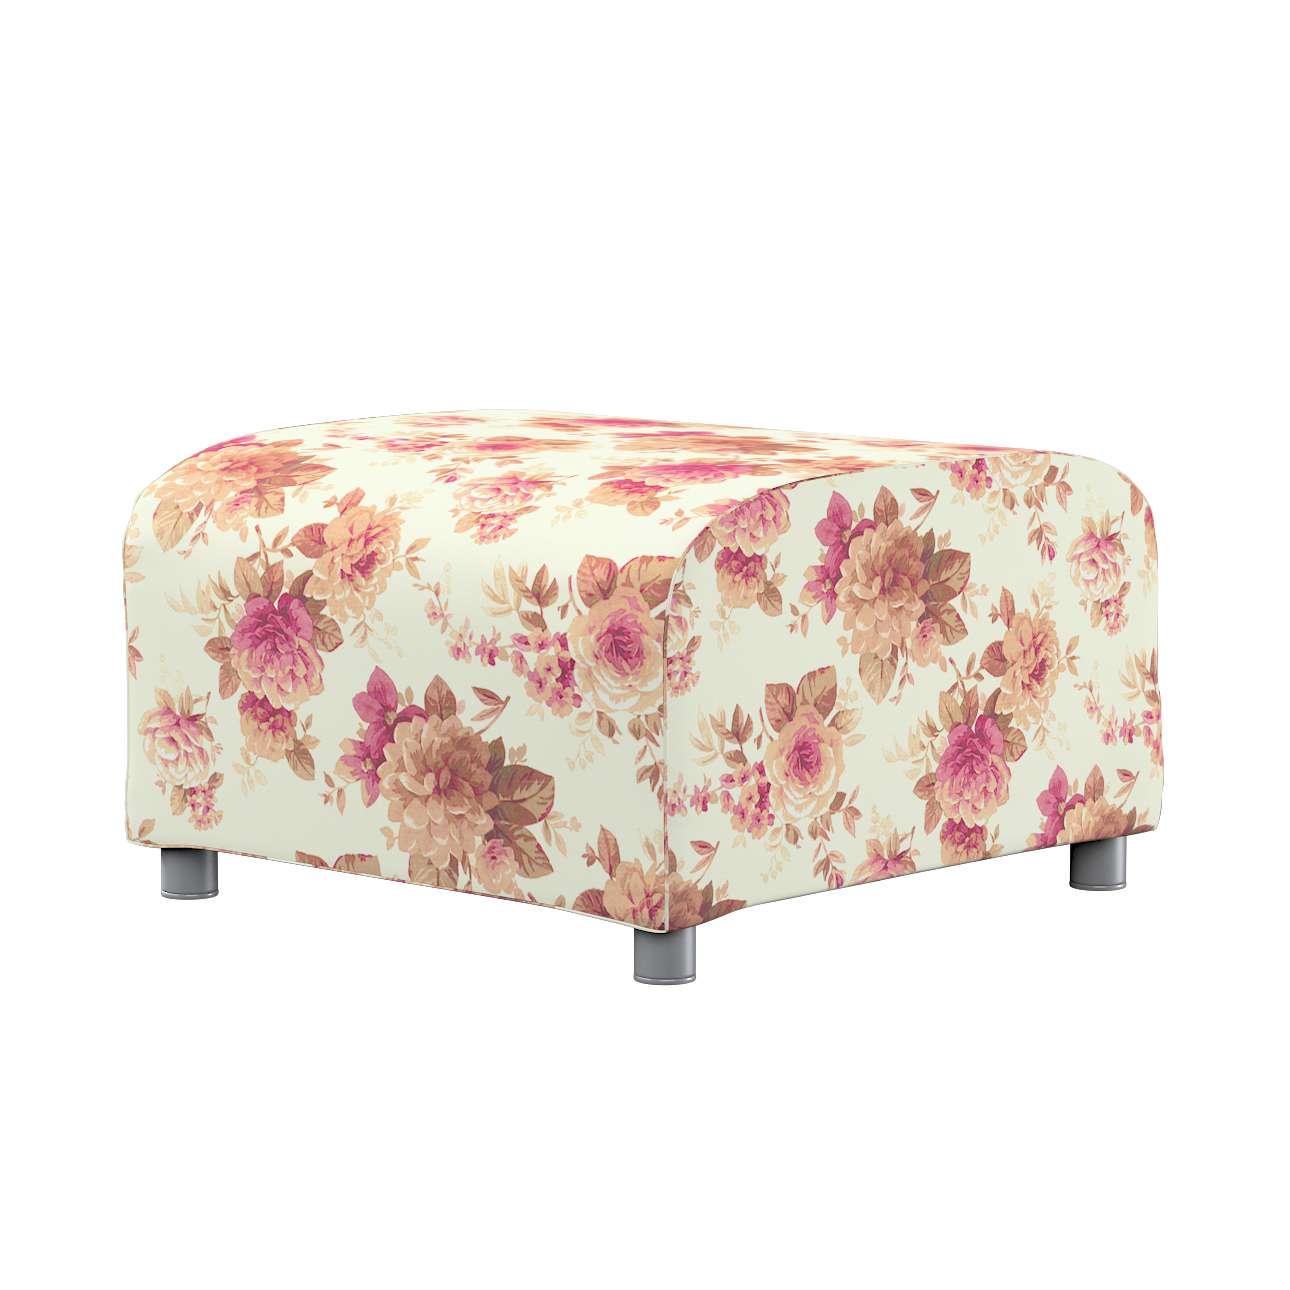 KLIPPAN pufo užvalkalas Klippan footstool cover kolekcijoje Mirella, audinys: 141-06